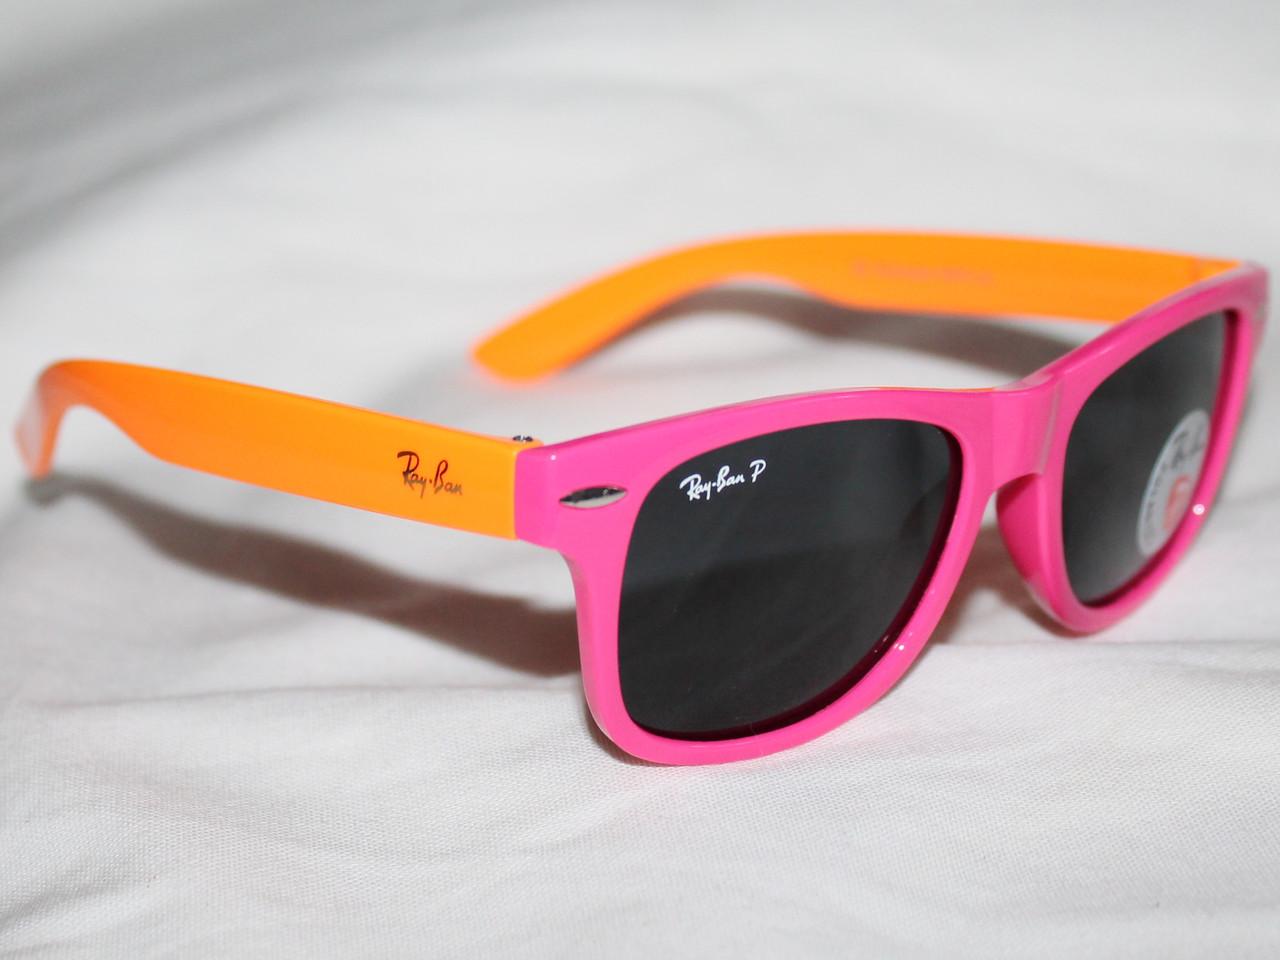 ... 690cb2d2ad5 Очки детские Ray Ban Wayfarer P974 розовый оранжевый  поляризационные реплика - IF-Style в ... 65da364ec22d5